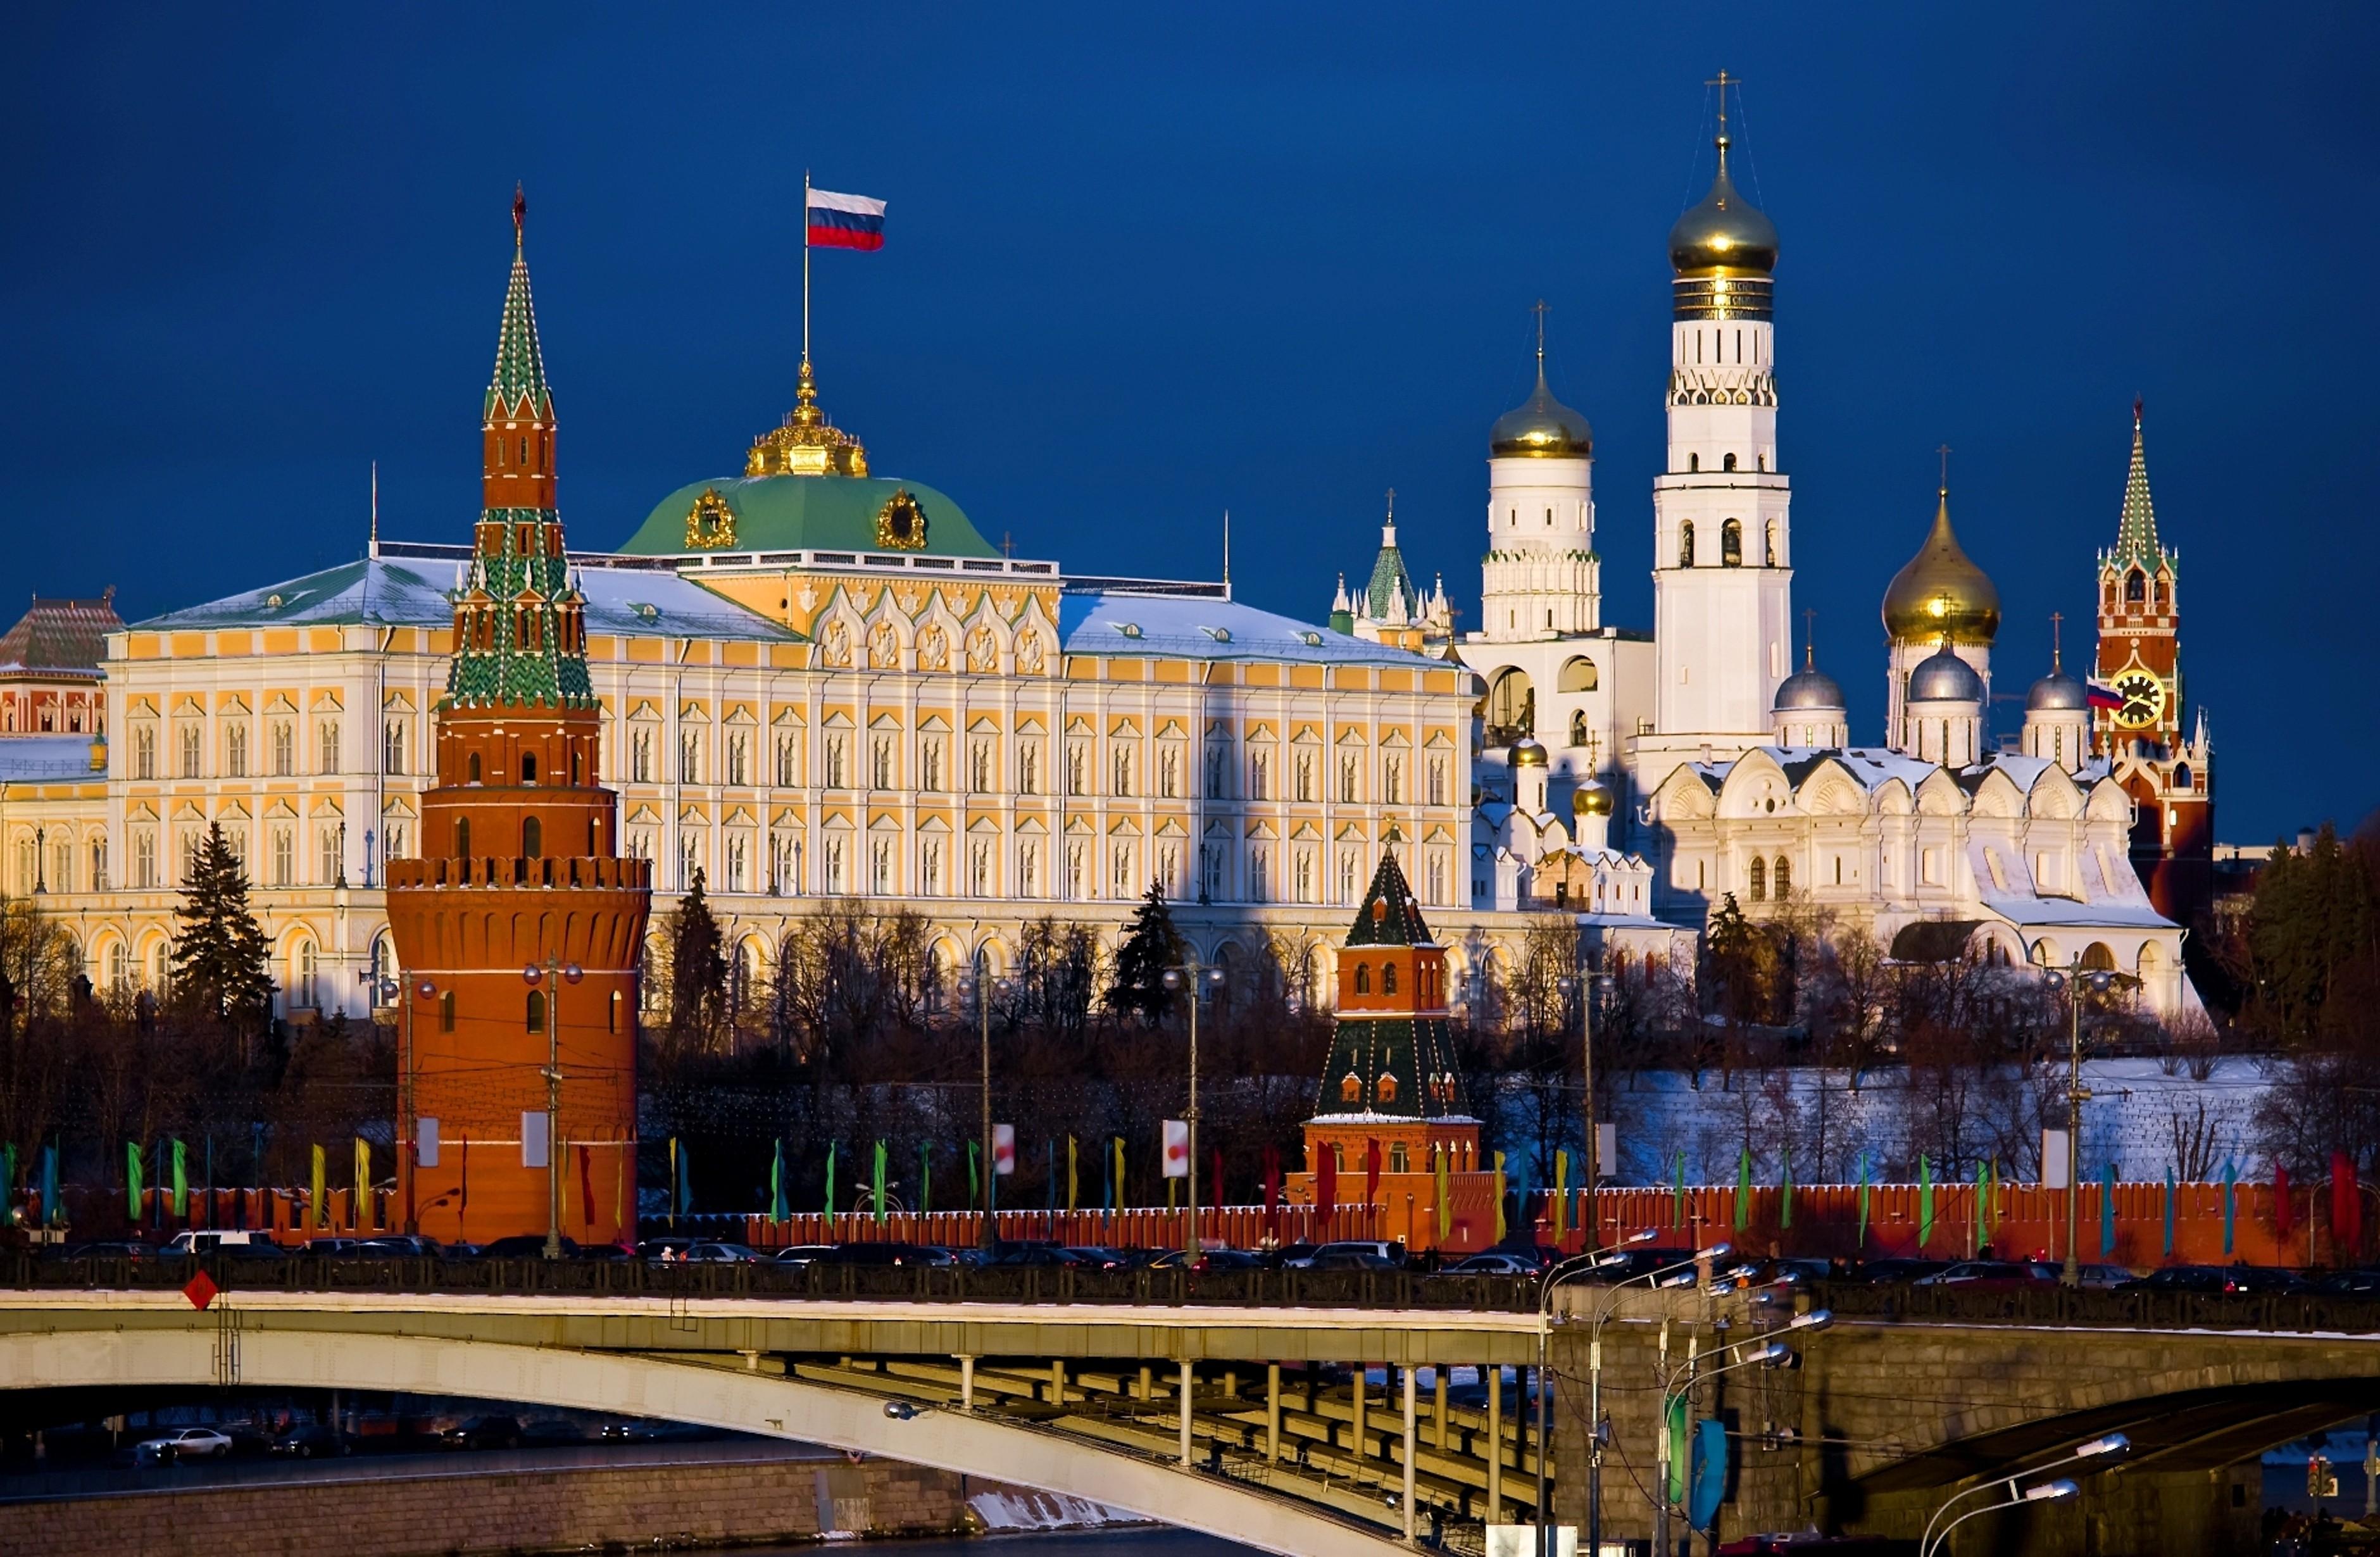 Moscou prepara resposta assimétrica às sanções dos EUA